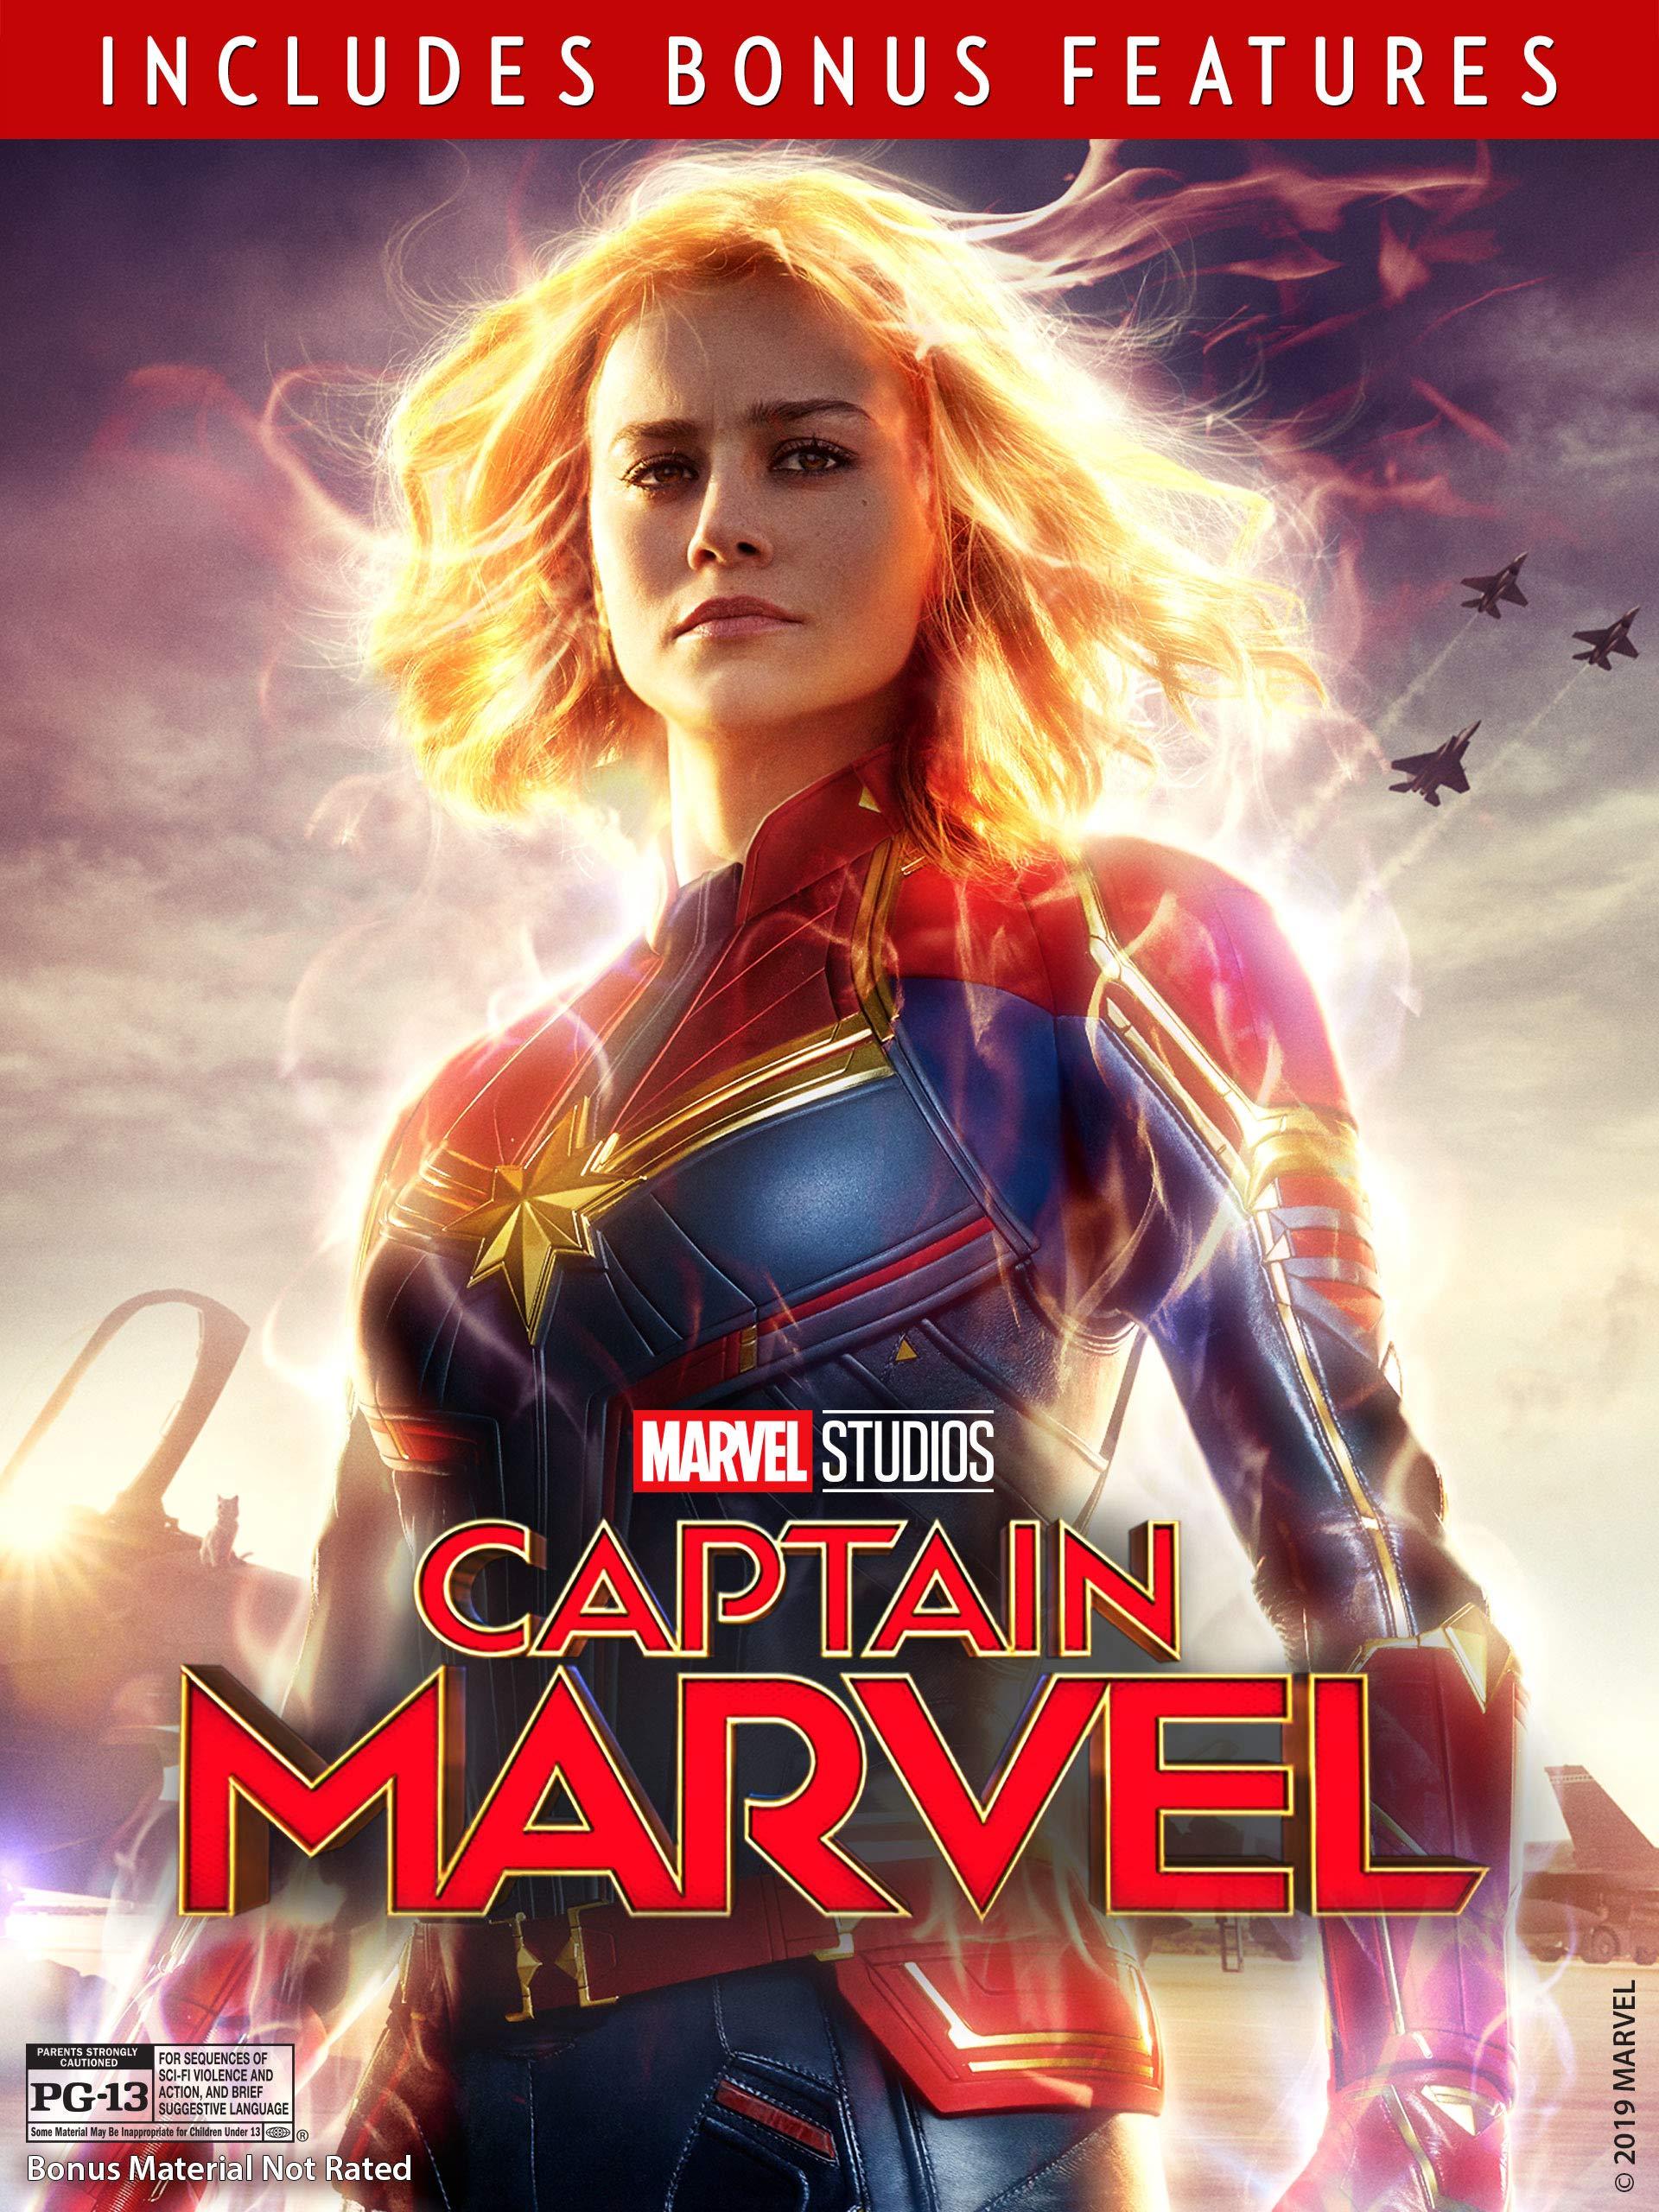 Watch Marvel Studios Captain Marvel Plus Bonus Content